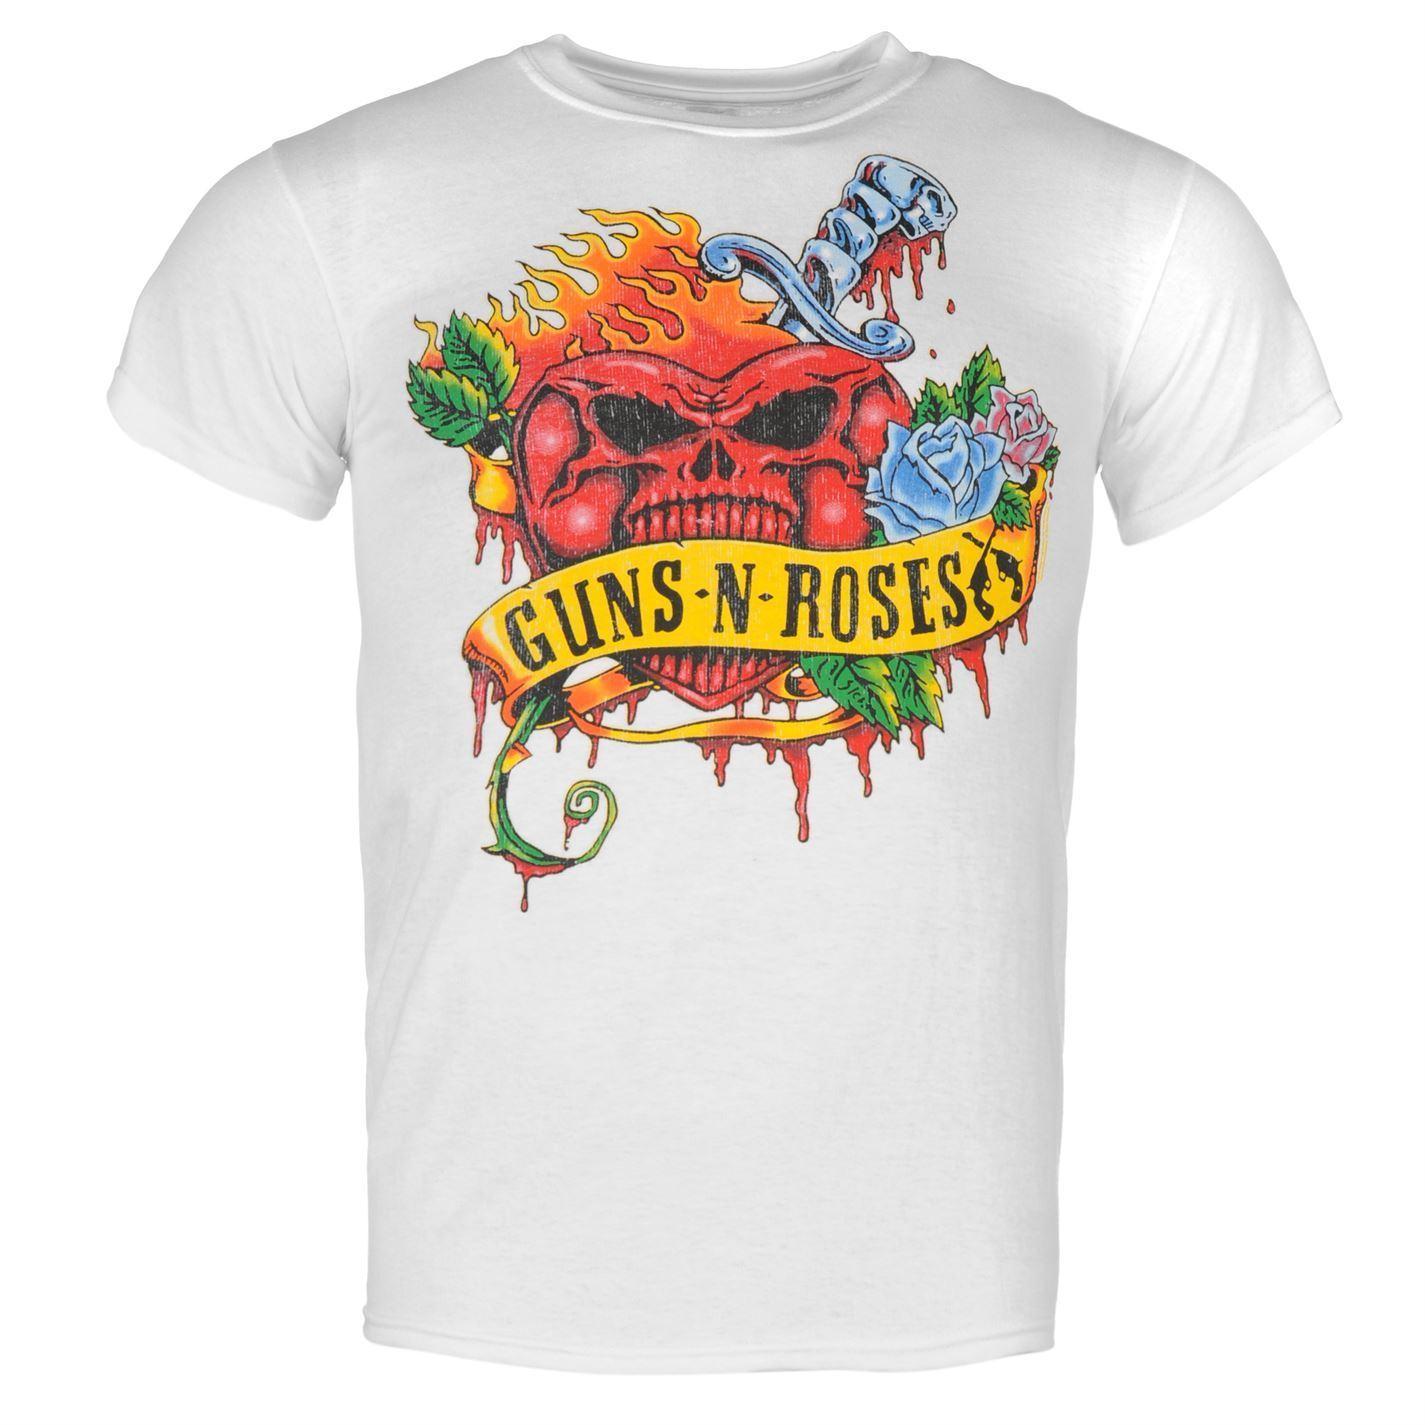 Guns N Roses Official Heart Skull T-Shirt Mens White Top Tee Shirt 3D Men Hot Cheap Short Sleeve Male T shirt